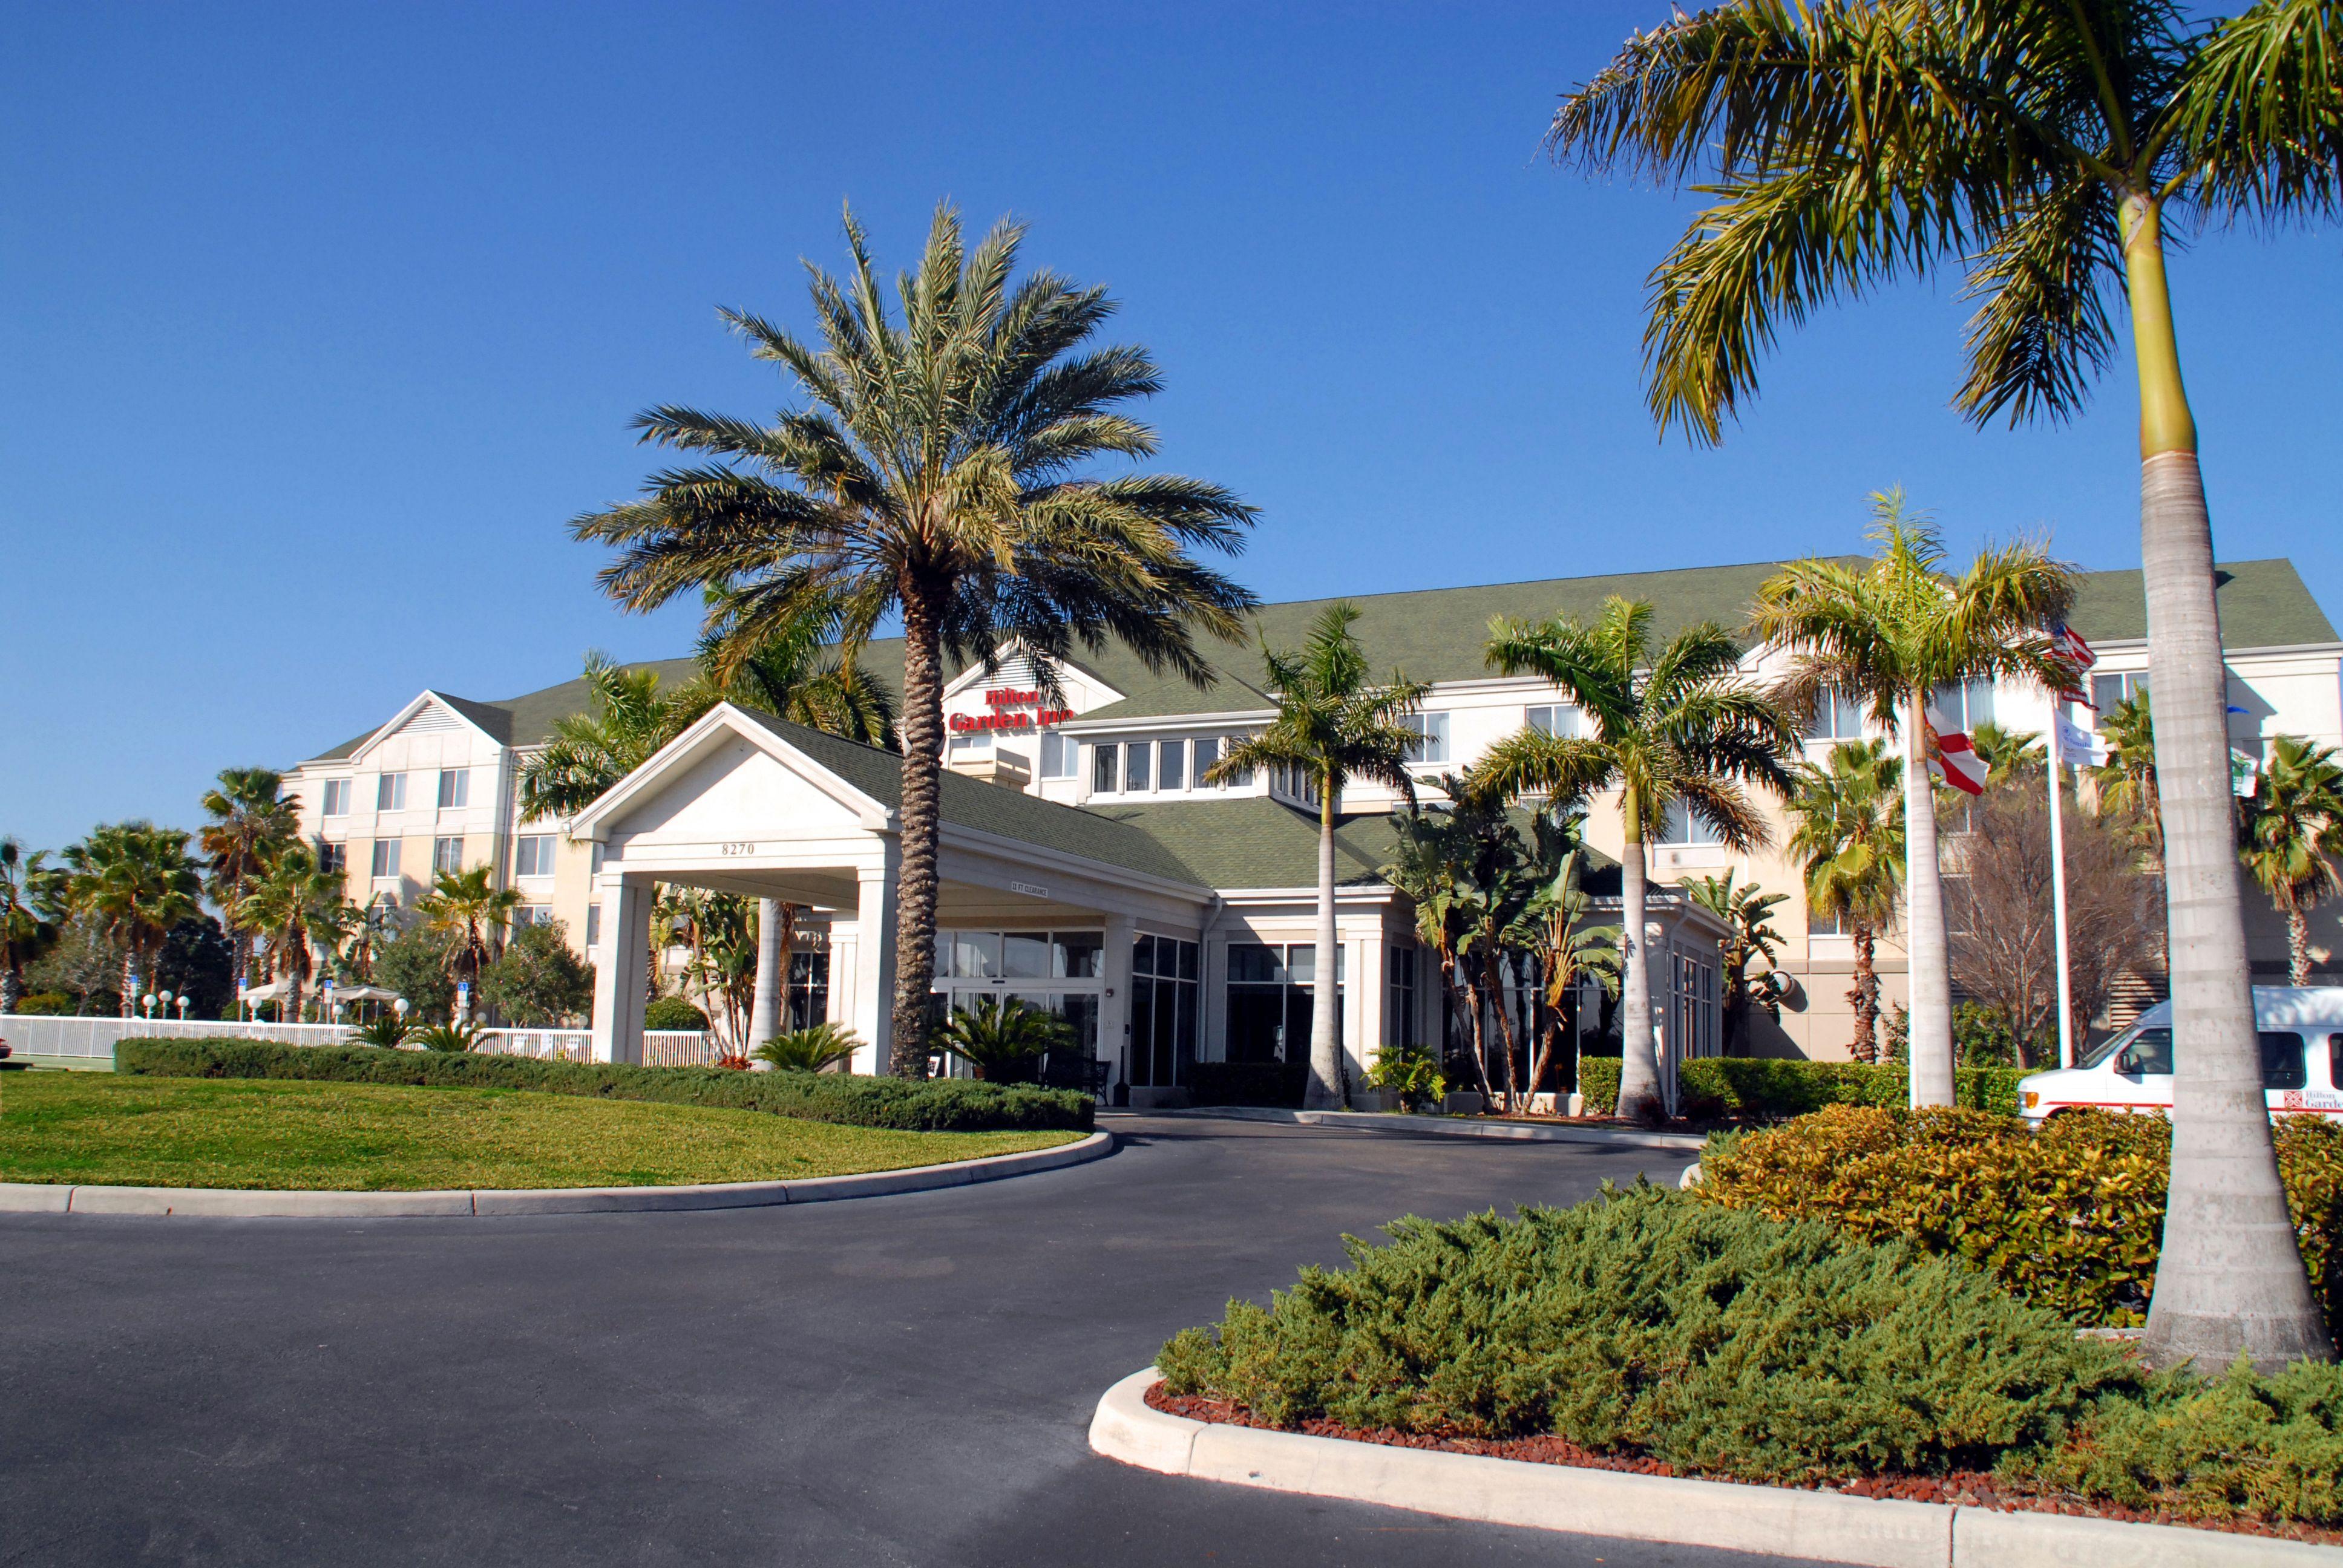 to the Hilton Garden Inn Sarasota Bradenton